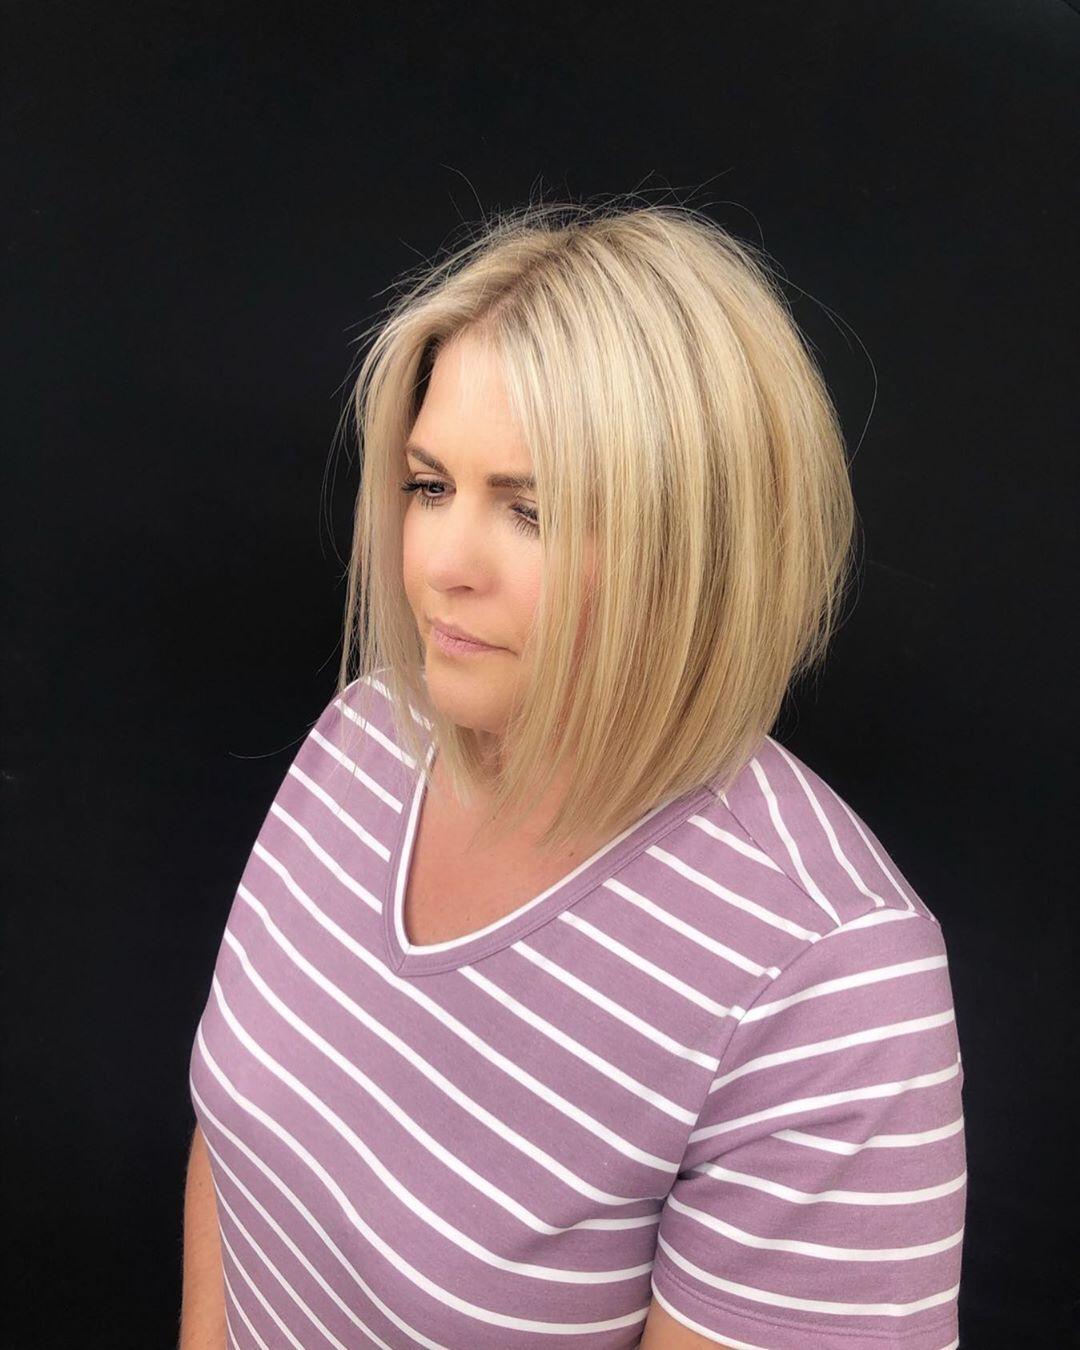 Стрижки после 40 лет на средние волосы для полного лица фото 6